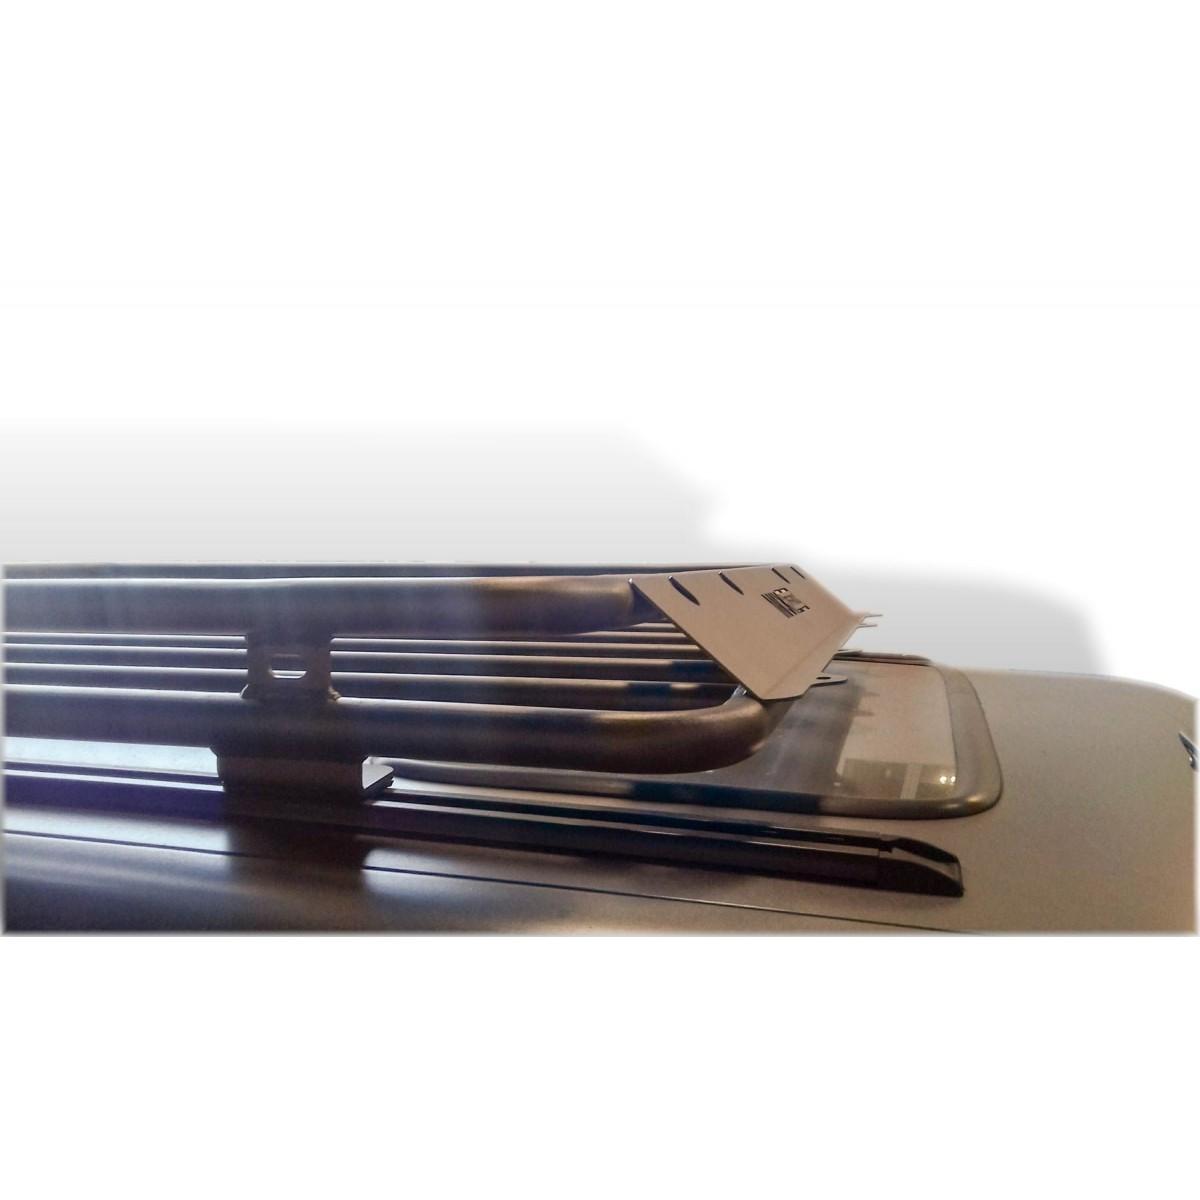 Bagageiro Troller T4 (2015-2021) MODELO TUBULAR